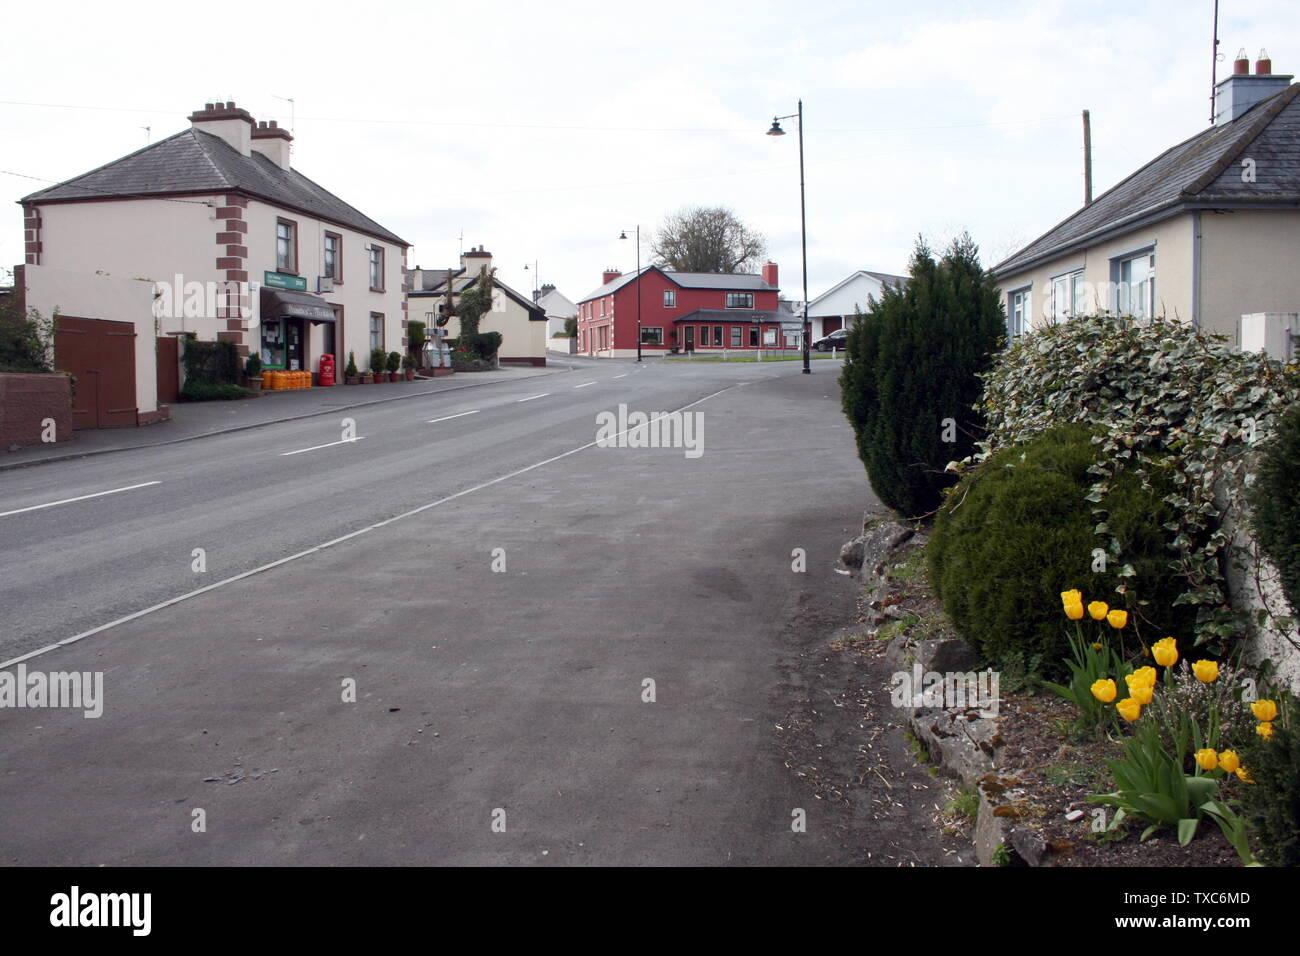 Online Chat & Dating in Roscommon | Meet Men - Badoo